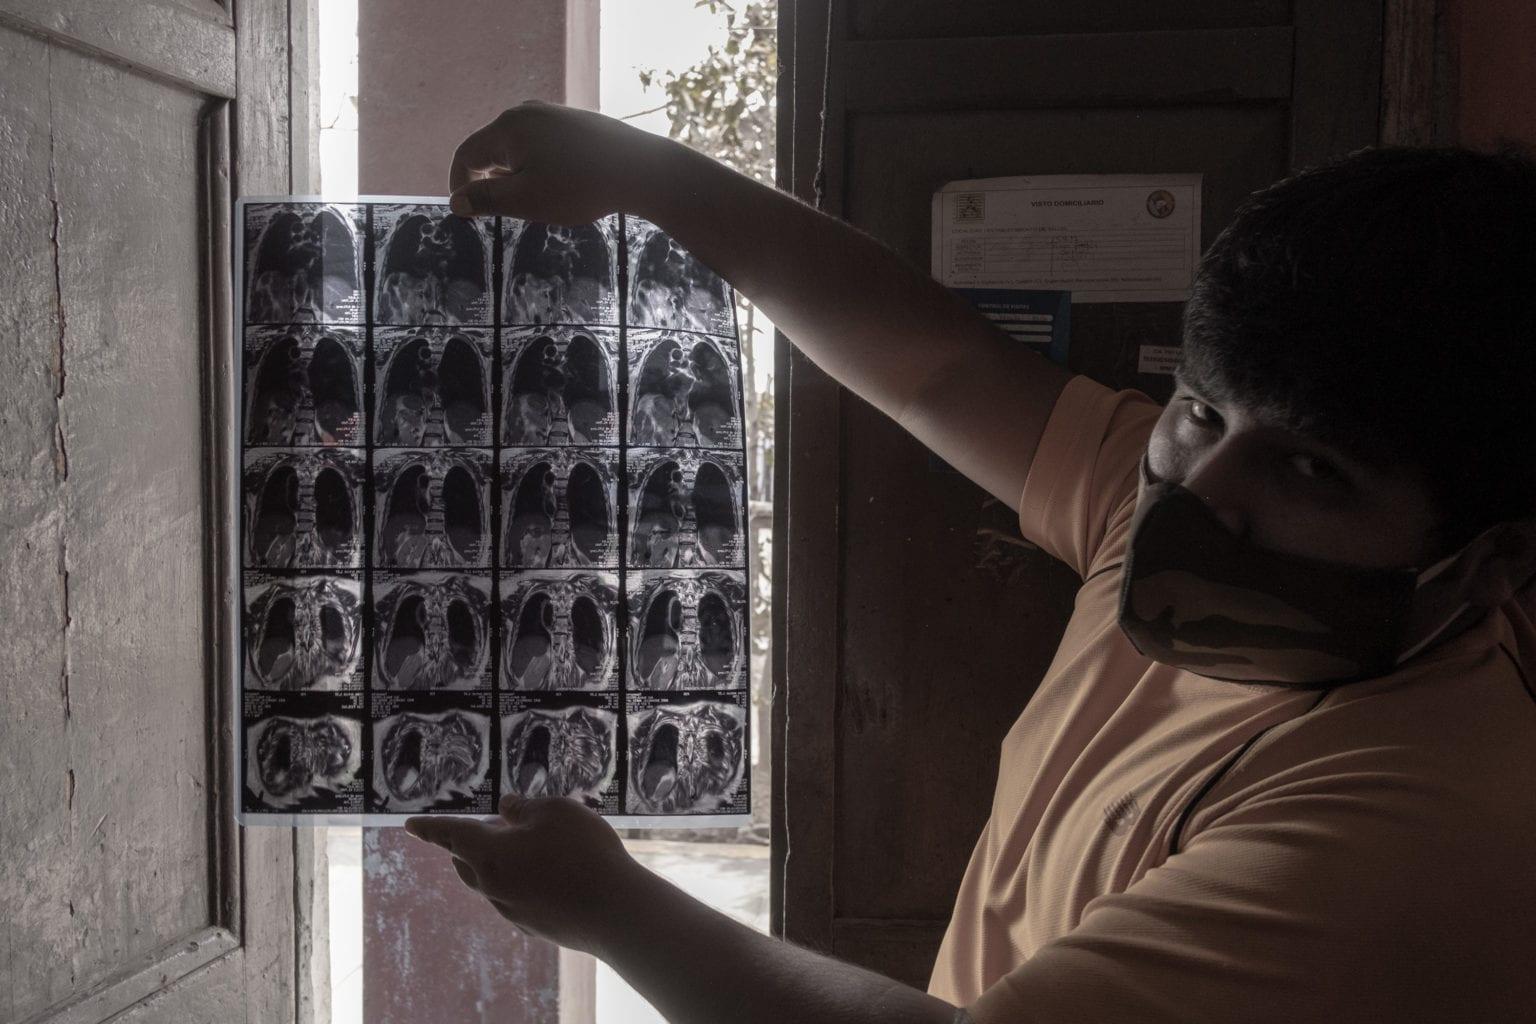 Maria Angela Mori er syg. Hendes søn Juan Jose Camarena viser et røntgenbillede af Maria Angelas lunger frem. Han fortæller, at hun har KOL. Mange af indbyggerne i kvarteret her, som ligger tæt op ad en fiskemelsfabrik, døjer med luftvejssygdomme som astm